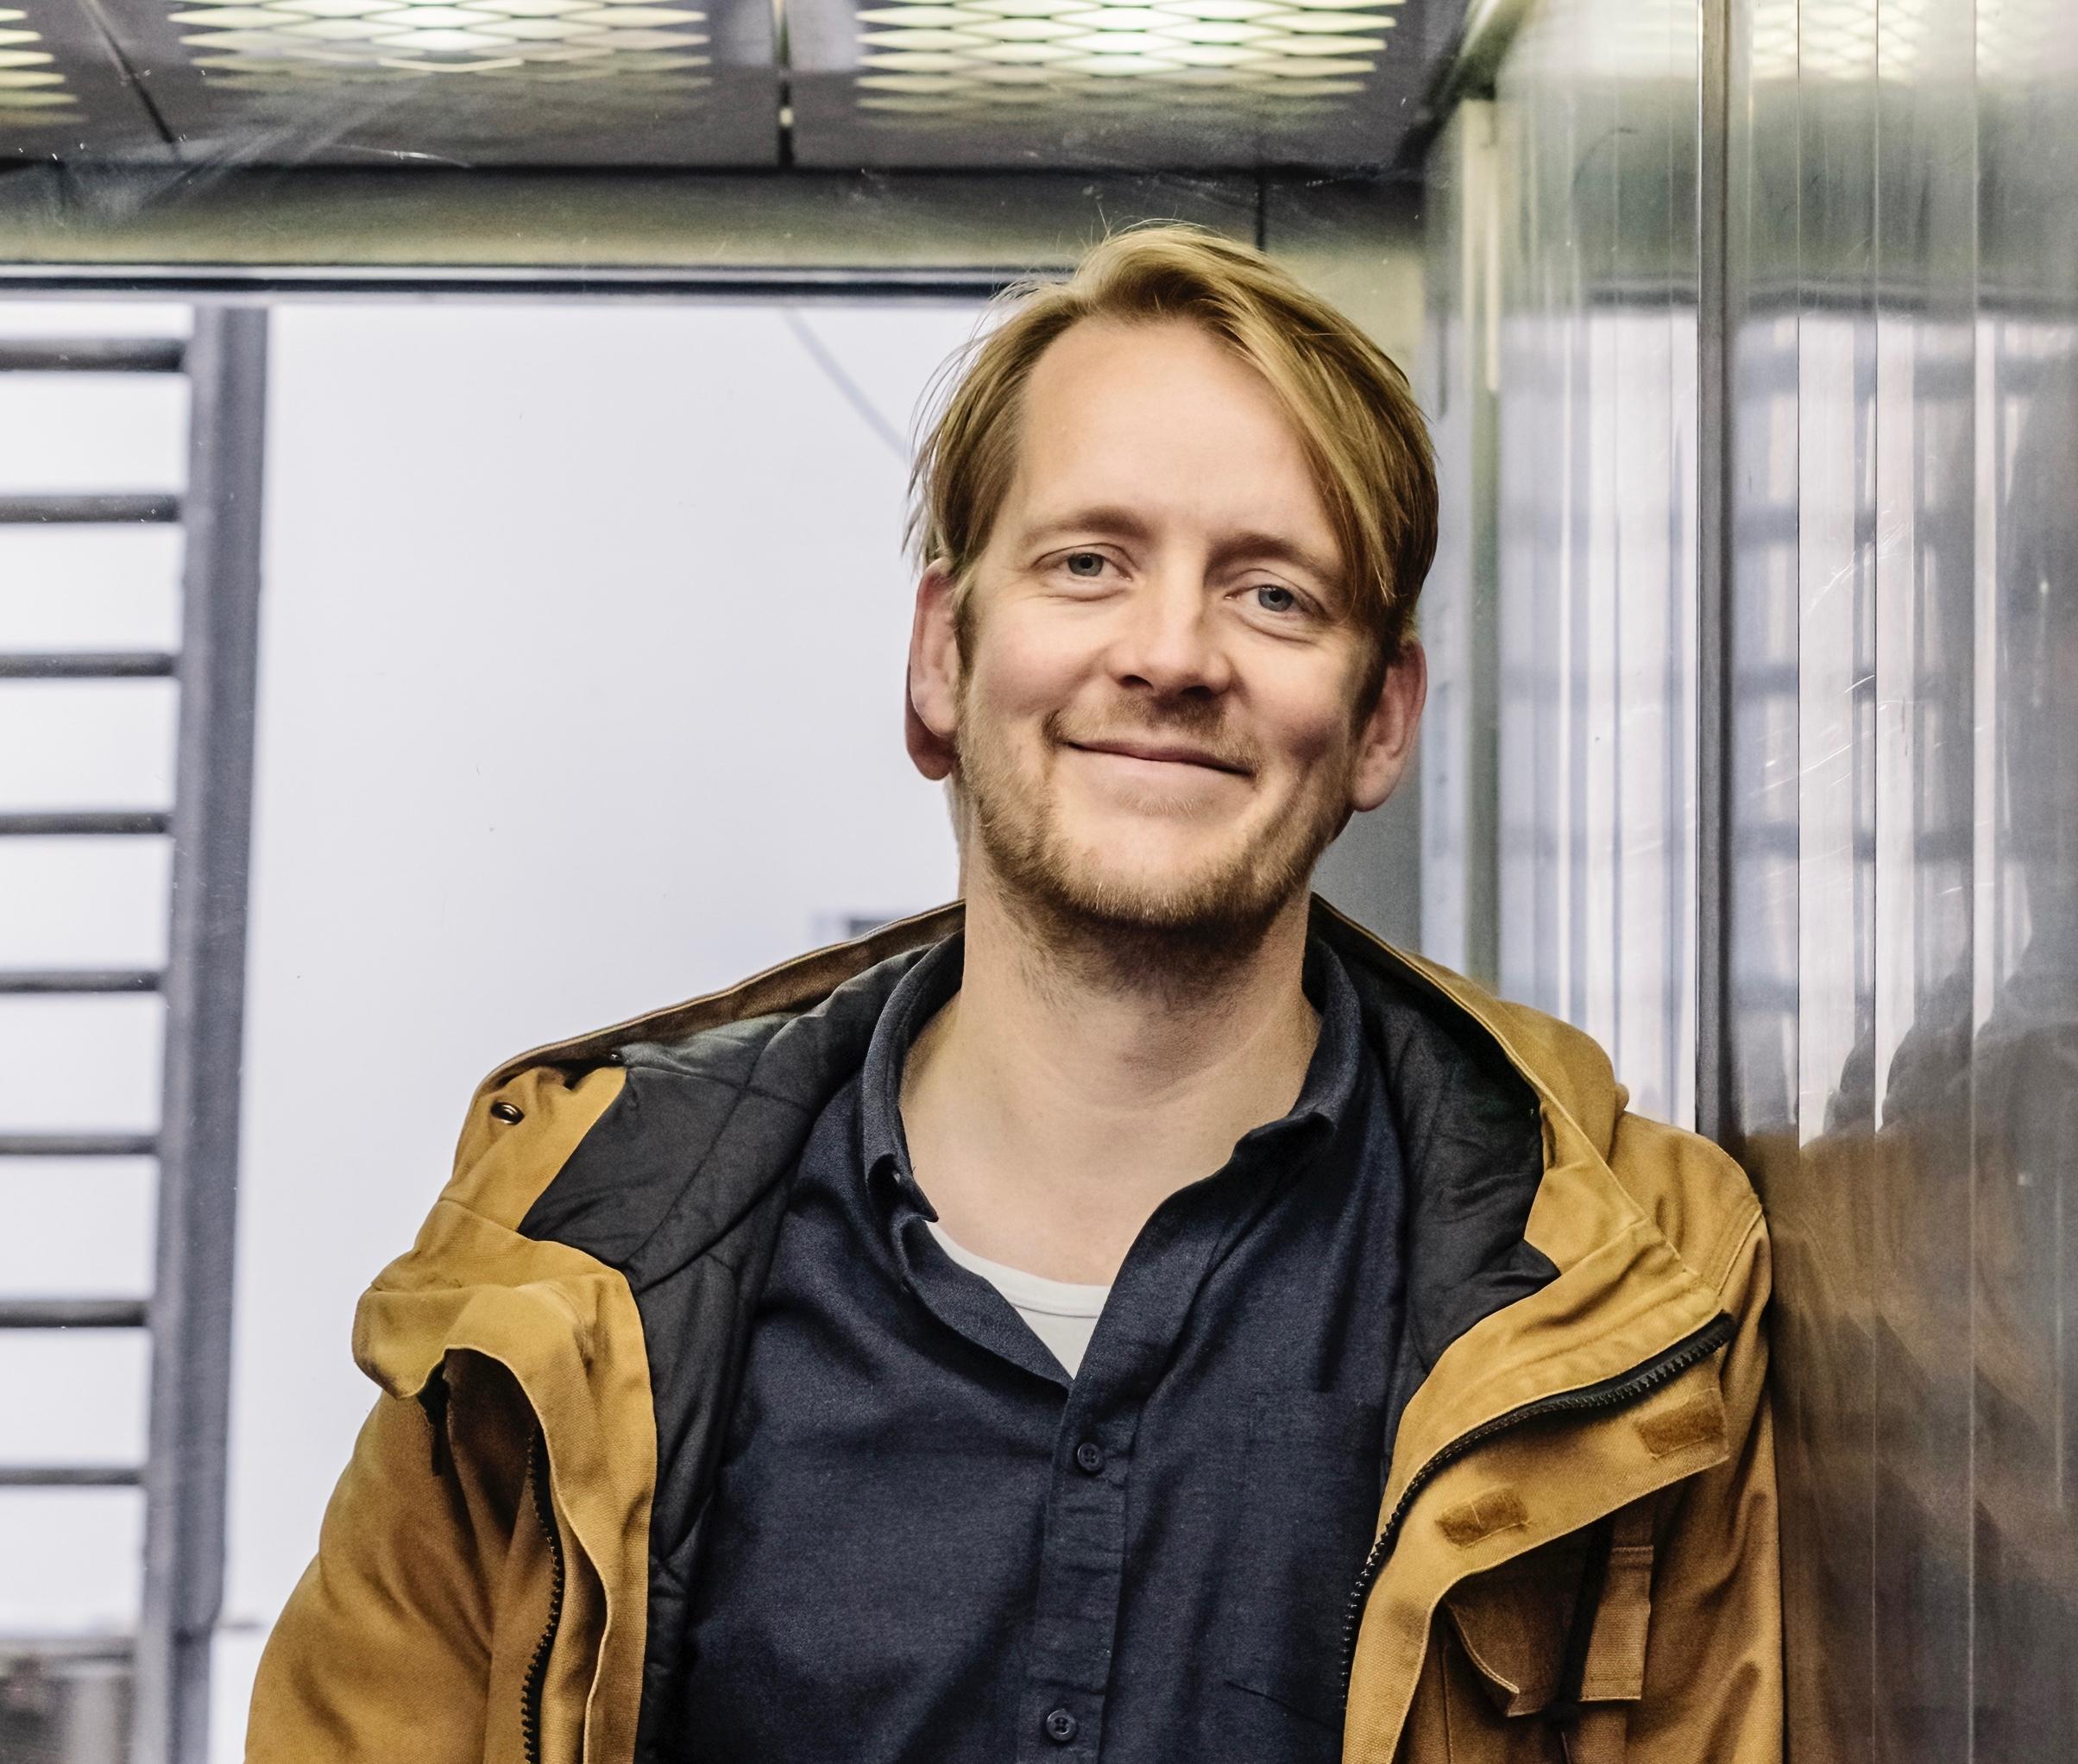 'In de zorg draait het te veel om ziekte in plaats van gezondheid', zegt onderzoeksjournalist Sander Heijne